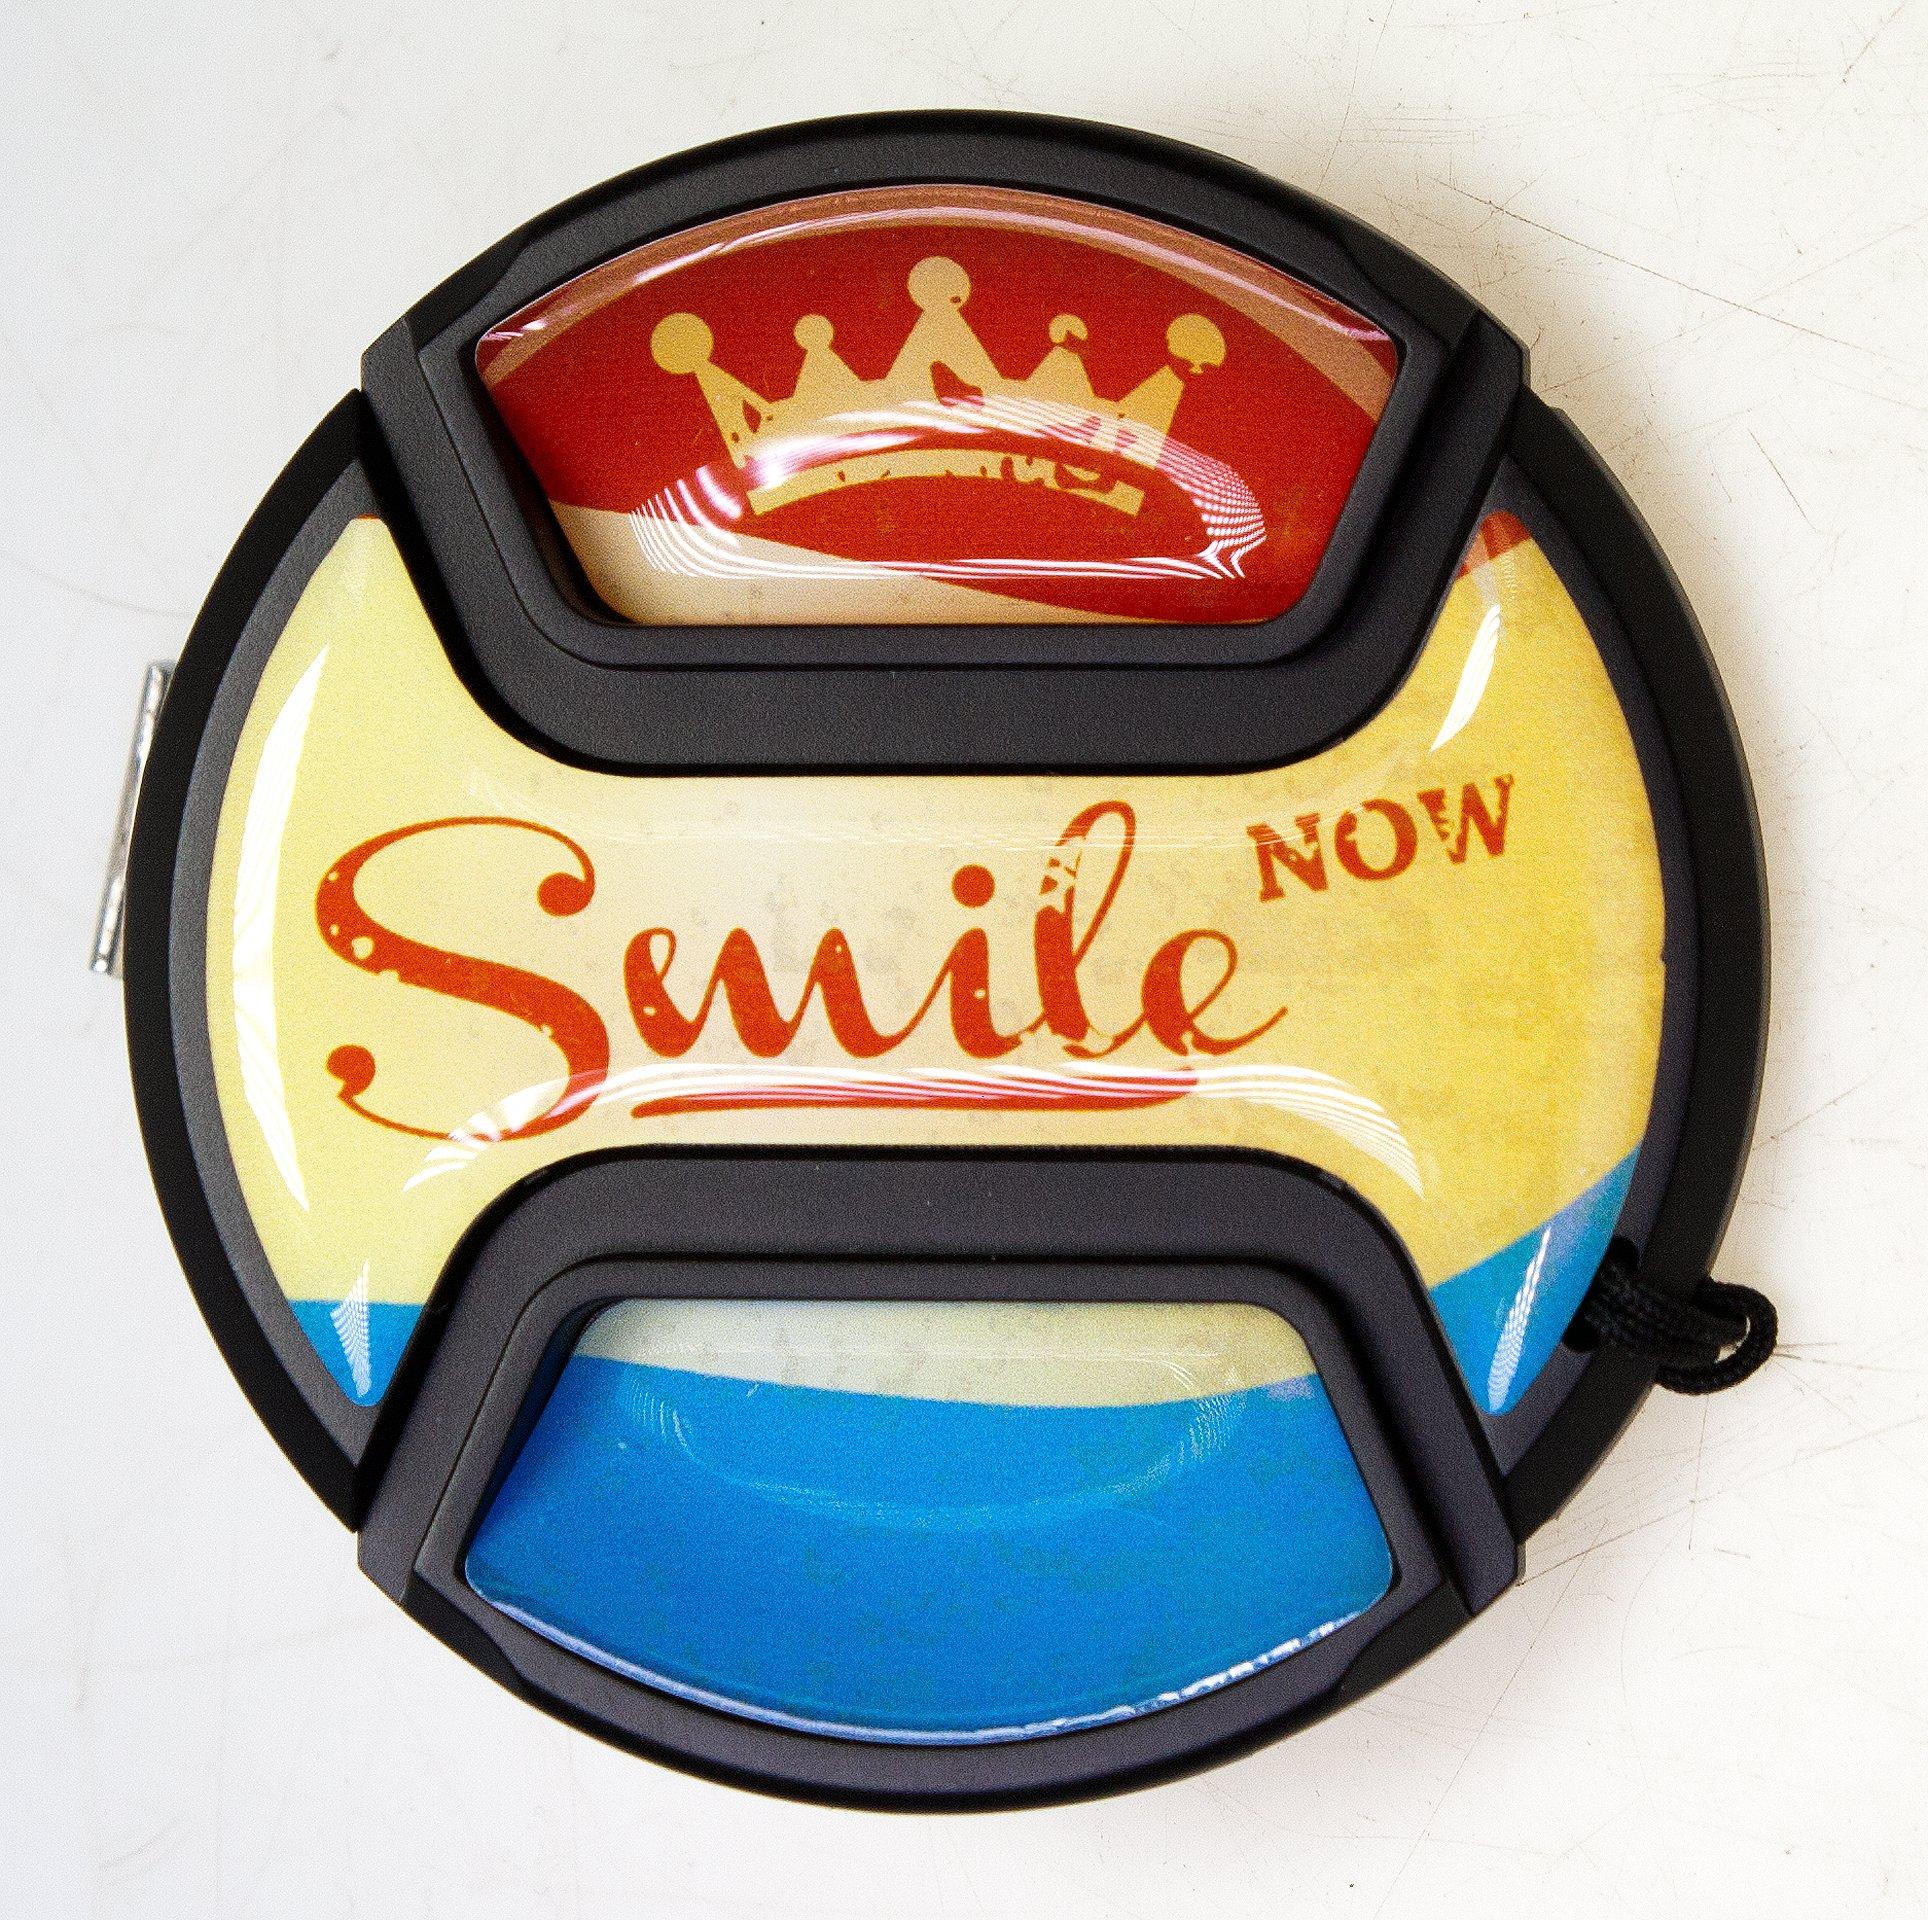 KAISER krytka styl Smile now 58mm 7943